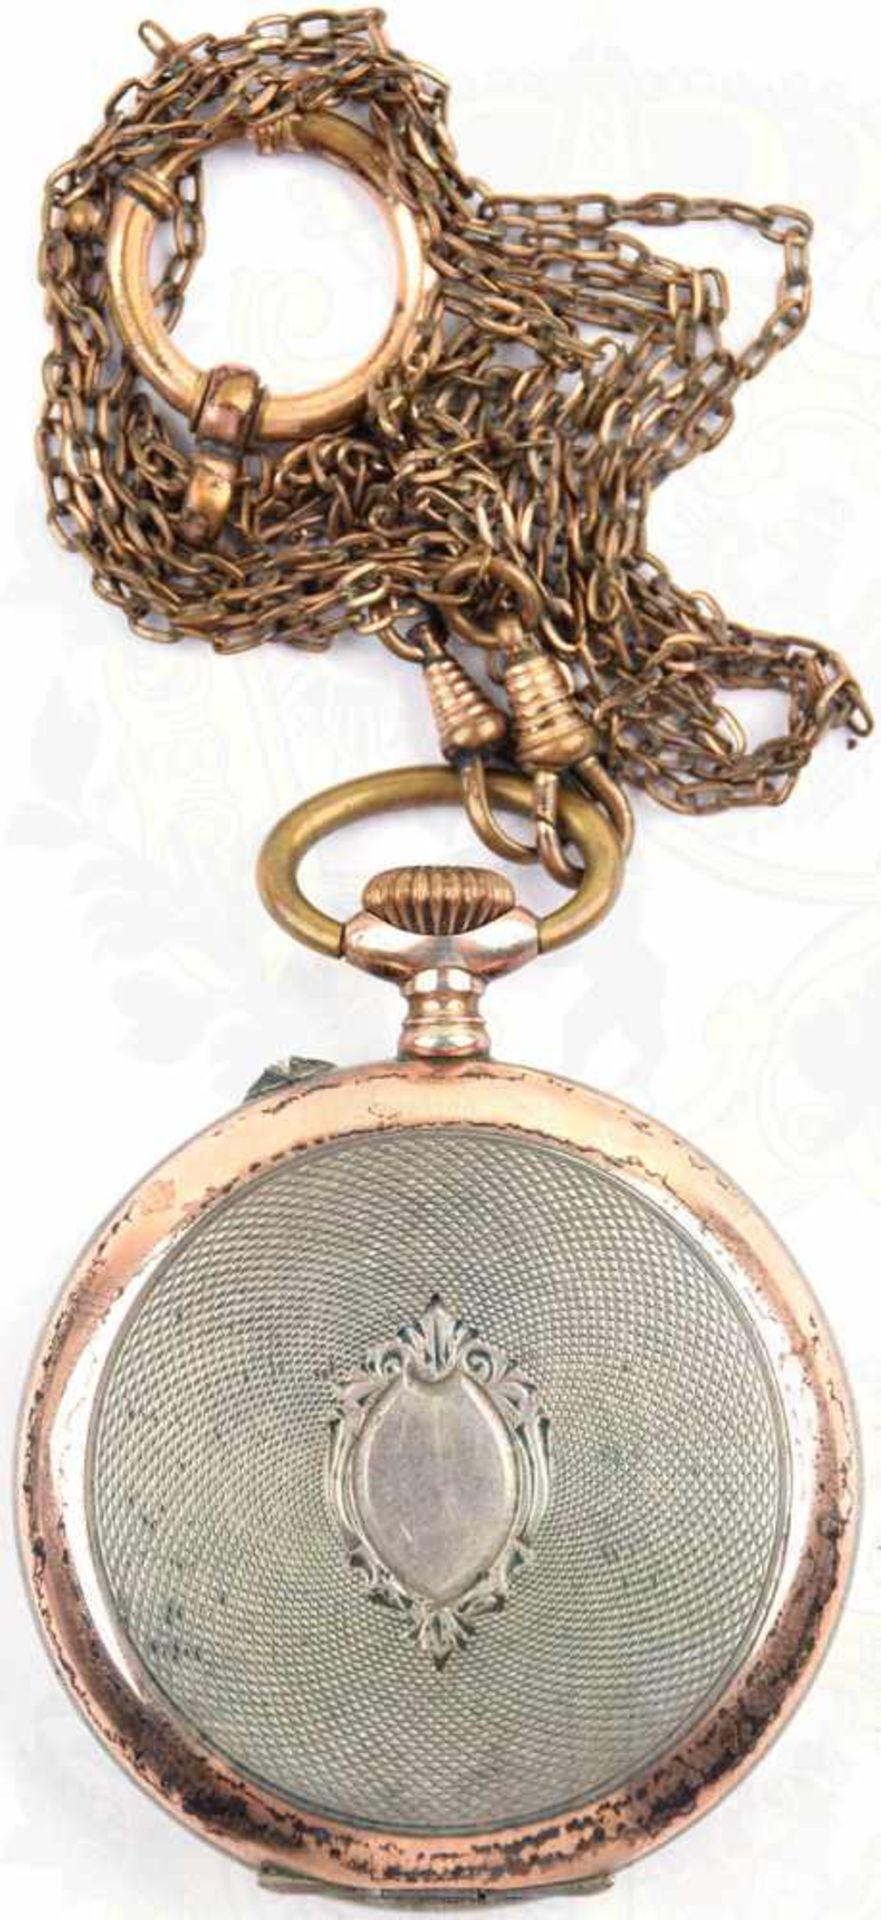 """TASCHENUHR, Deutschland um 1900, Silber, Deckel innen punziert """"800"""" mit Halbmond u. Krone, - Bild 3 aus 3"""